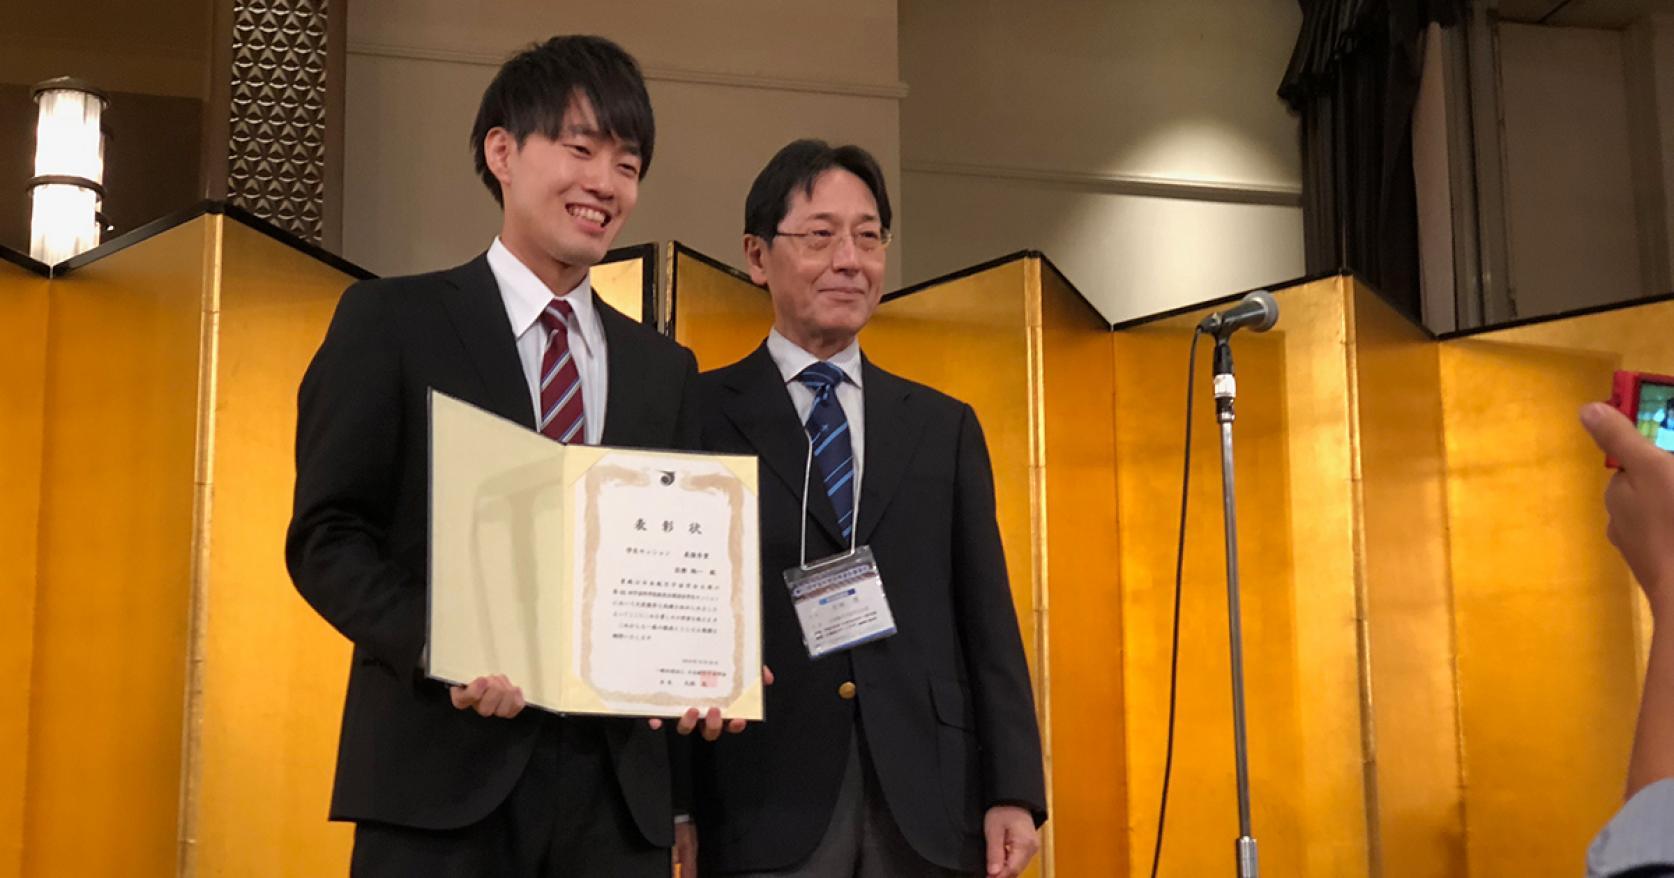 航空宇宙工学専攻 博士前期課程1年の設樂翔一さんが「第62回宇宙科学技術連合講演会」の学生セッションにおいて、最優秀賞を受賞しました。